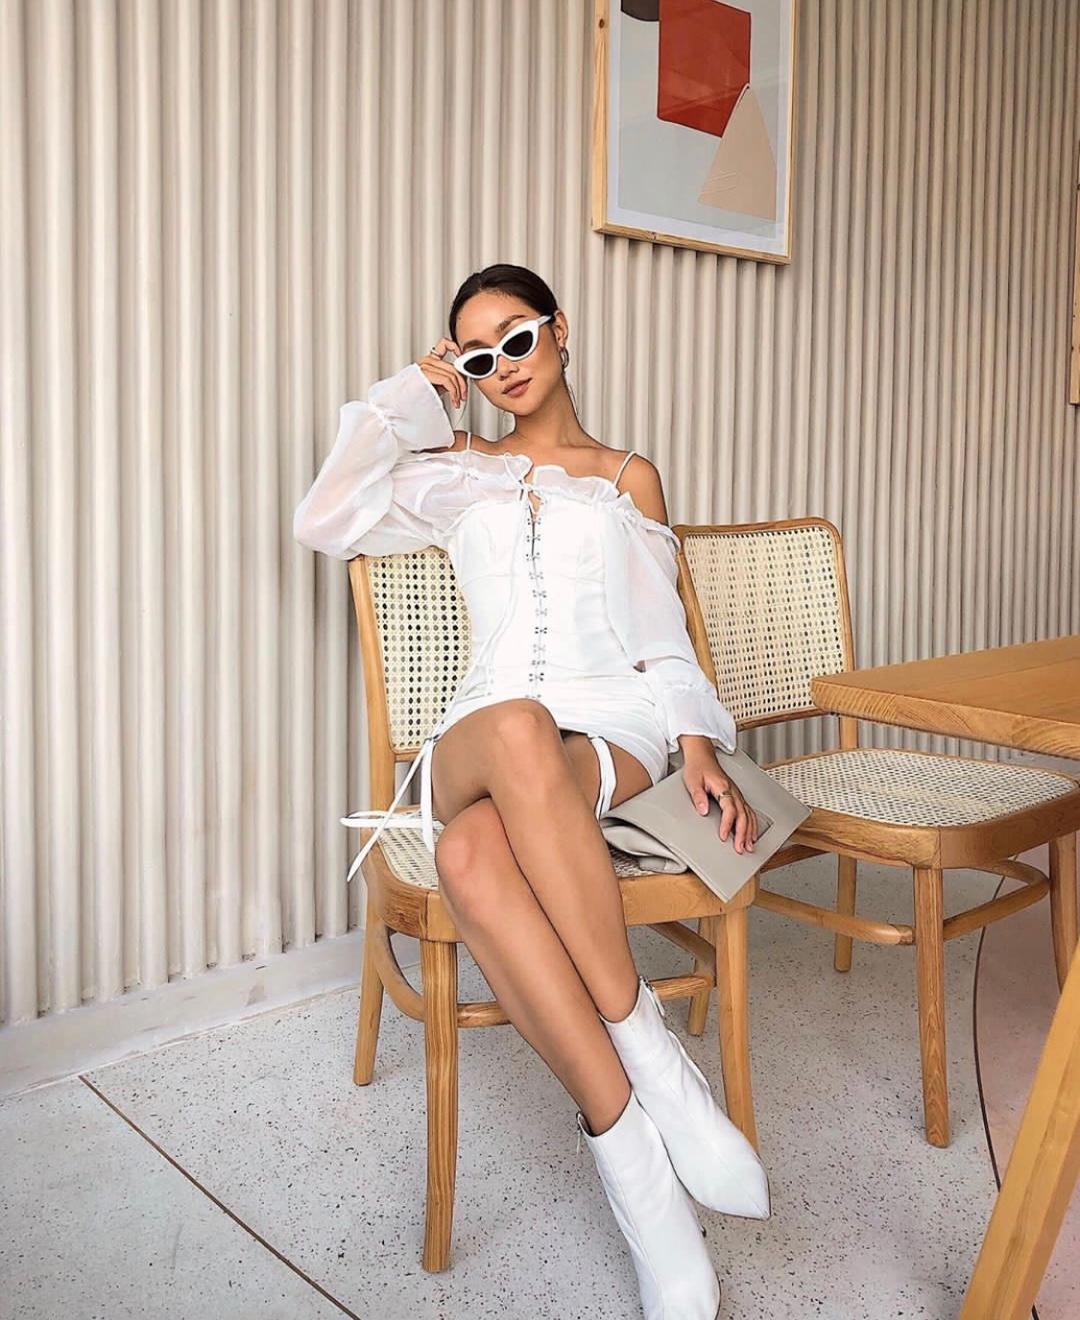 超美一字领小连衣裙look打卡,既仙气十足又迷人可爱 #夏日超美设计师鞋包品牌5.16上新#